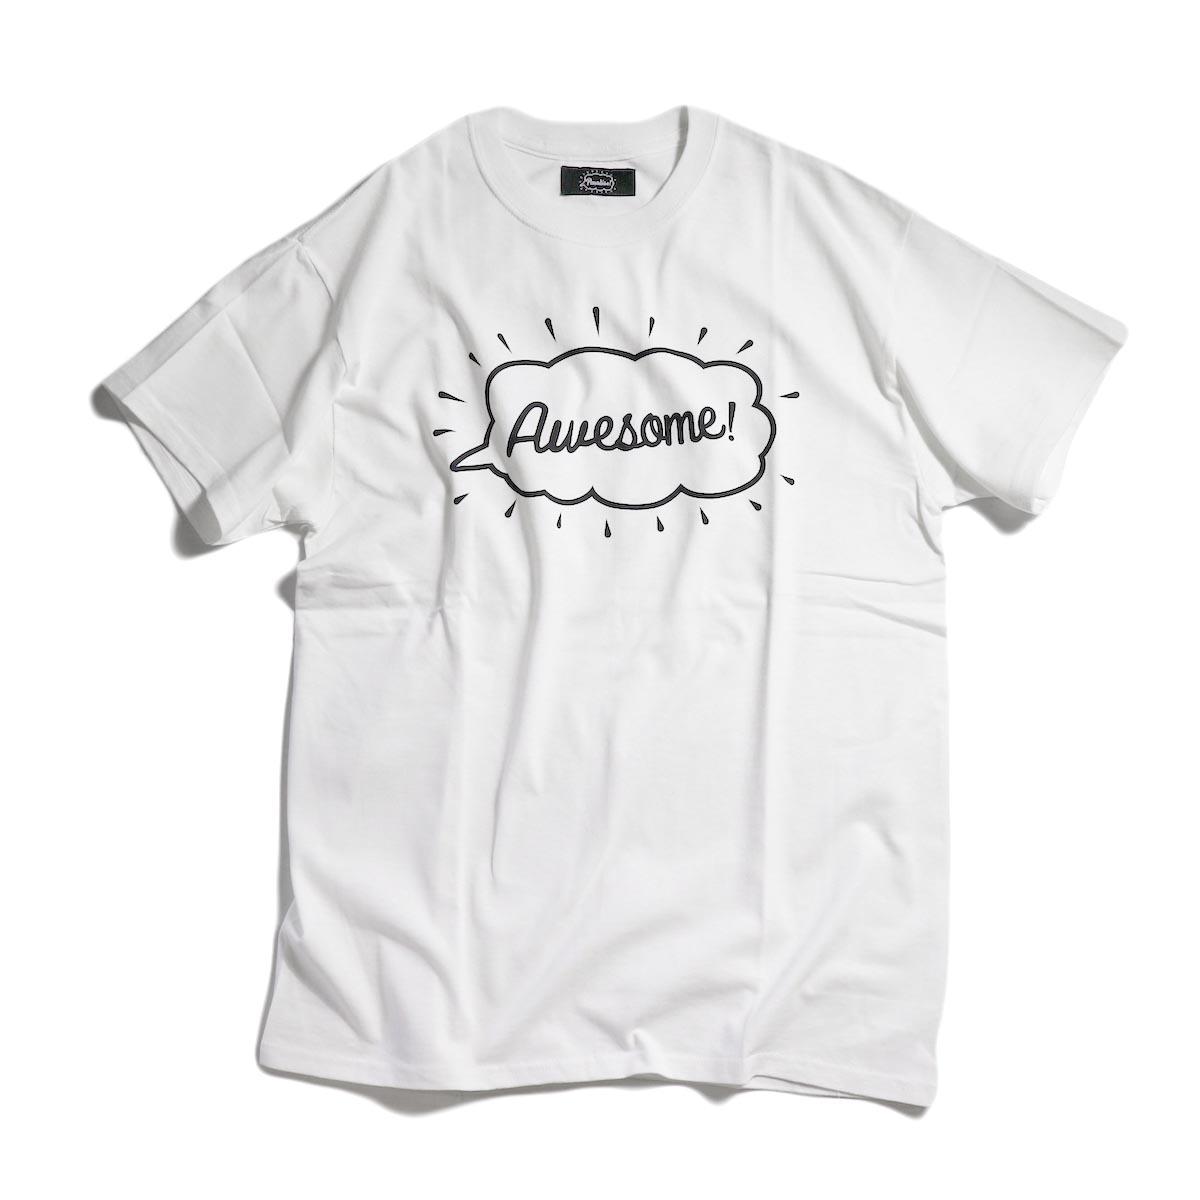 Paradise! / T-Shirt (Awesome) -White